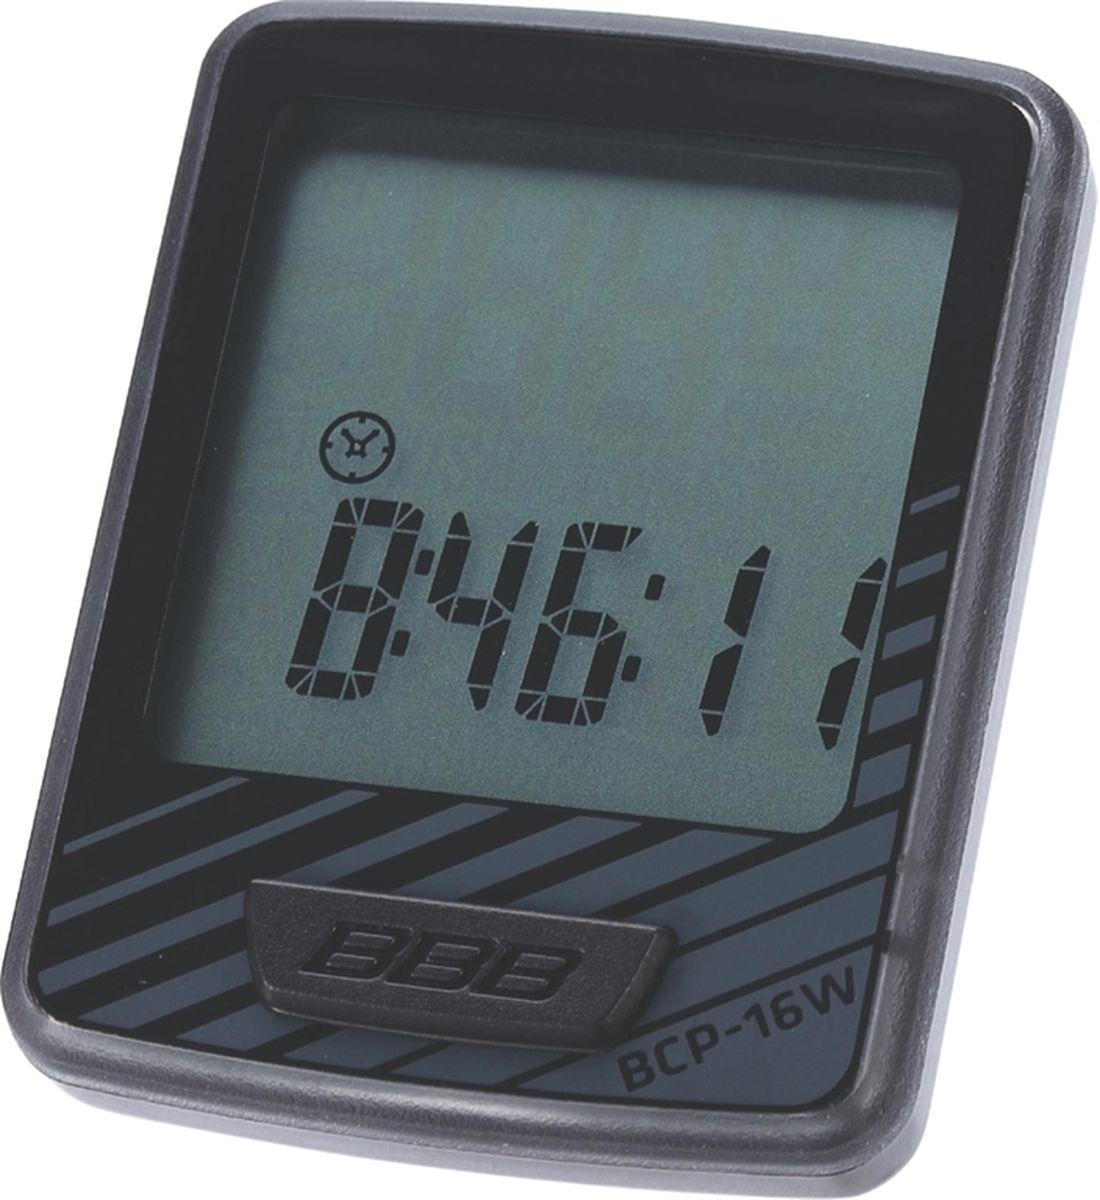 Велокомпьютер BBB DashBoard , цвет: черный, серый, 12 функций